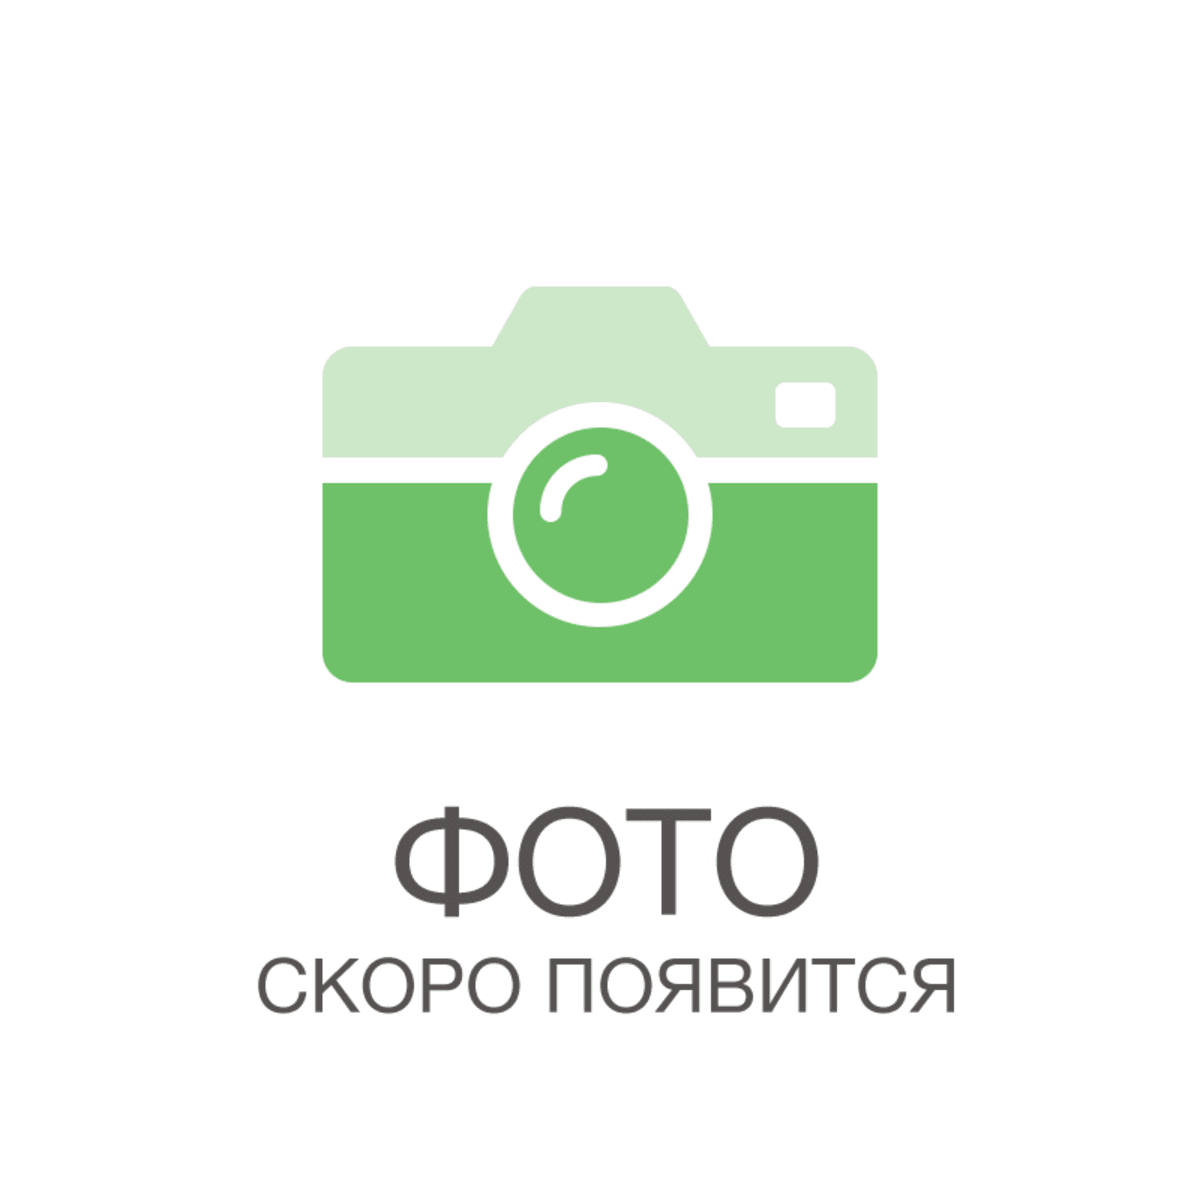 Капуста цветная сноуболл 123: отзывы, фото и выращивание